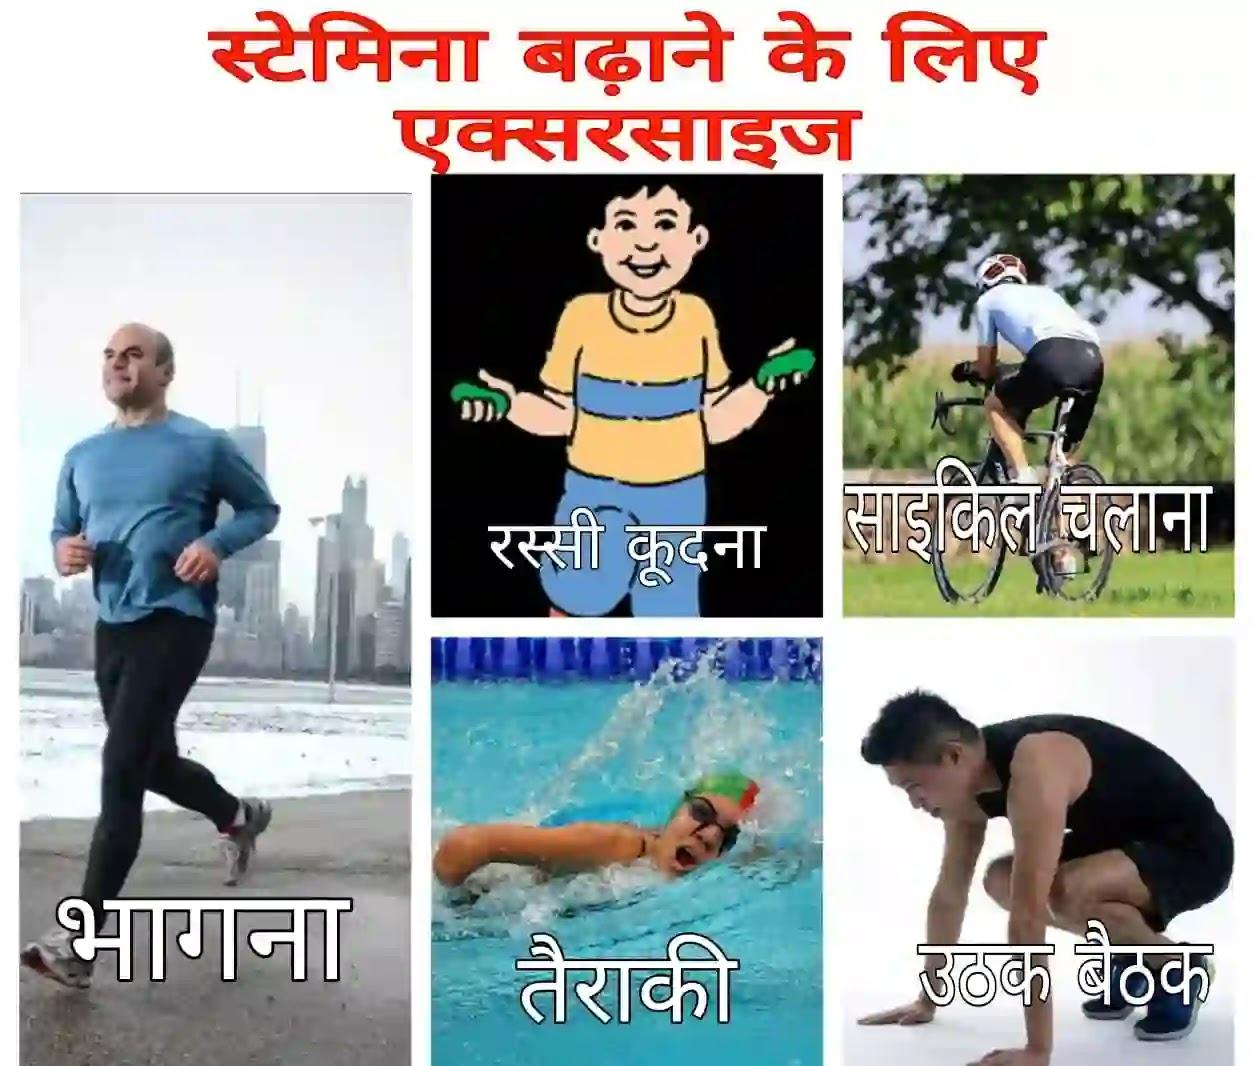 Stamina बढ़ाने के लिए exercise